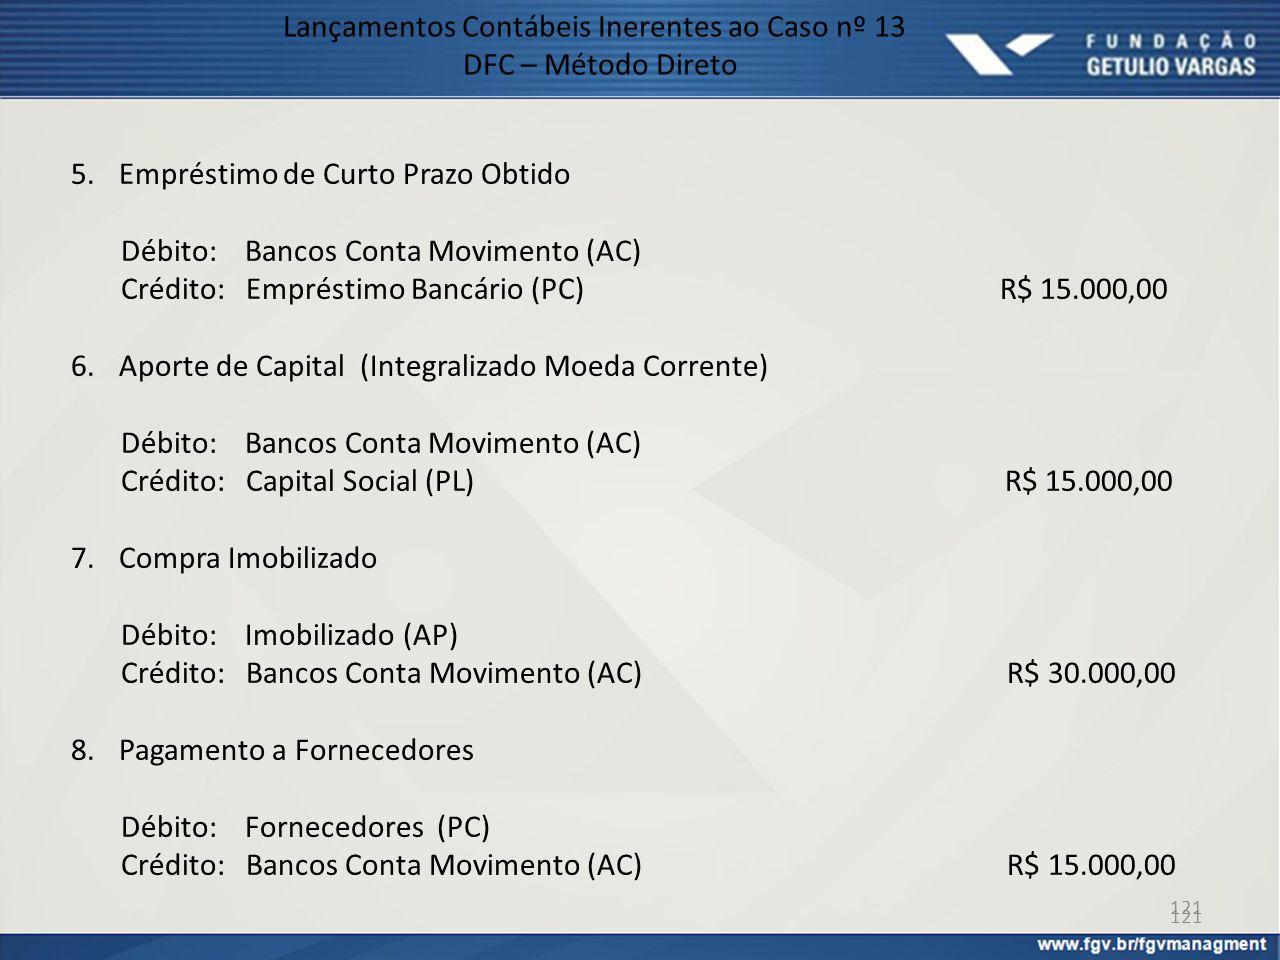 121 Lançamentos Contábeis Inerentes ao Caso nº 13 DFC – Método Direto 5.Empréstimo de Curto Prazo Obtido Débito: Bancos Conta Movimento (AC) Crédito: